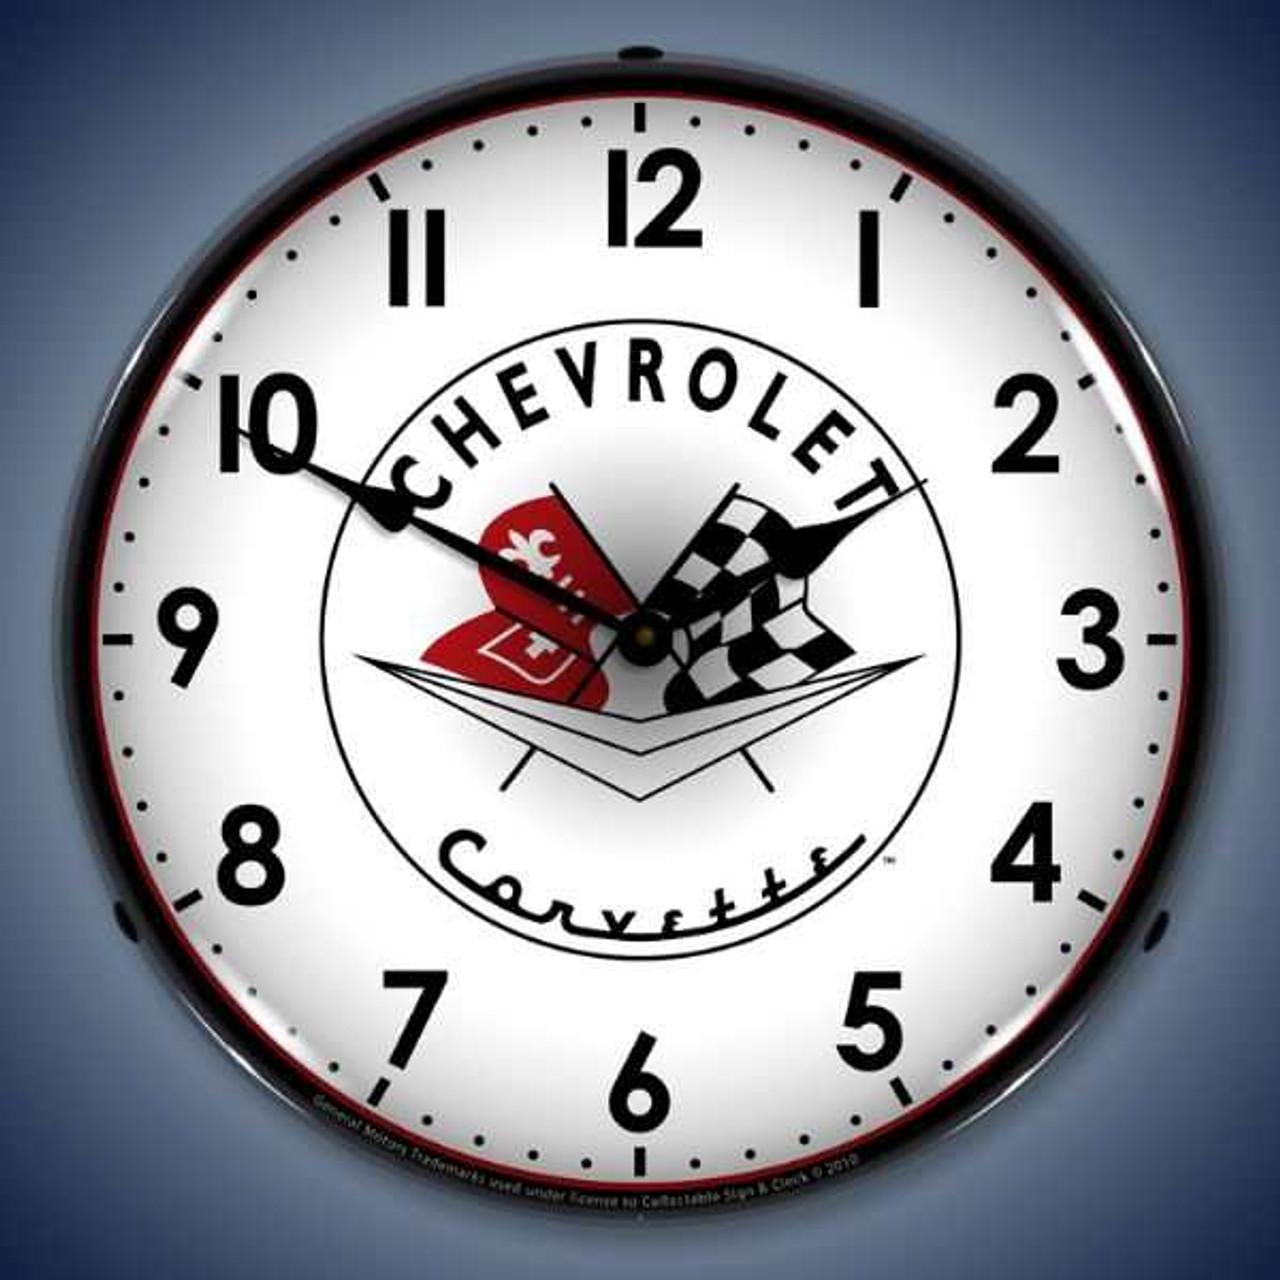 Retro  1956-57 Corvette logo Lighted Wall Clock 14 x 14 Inches